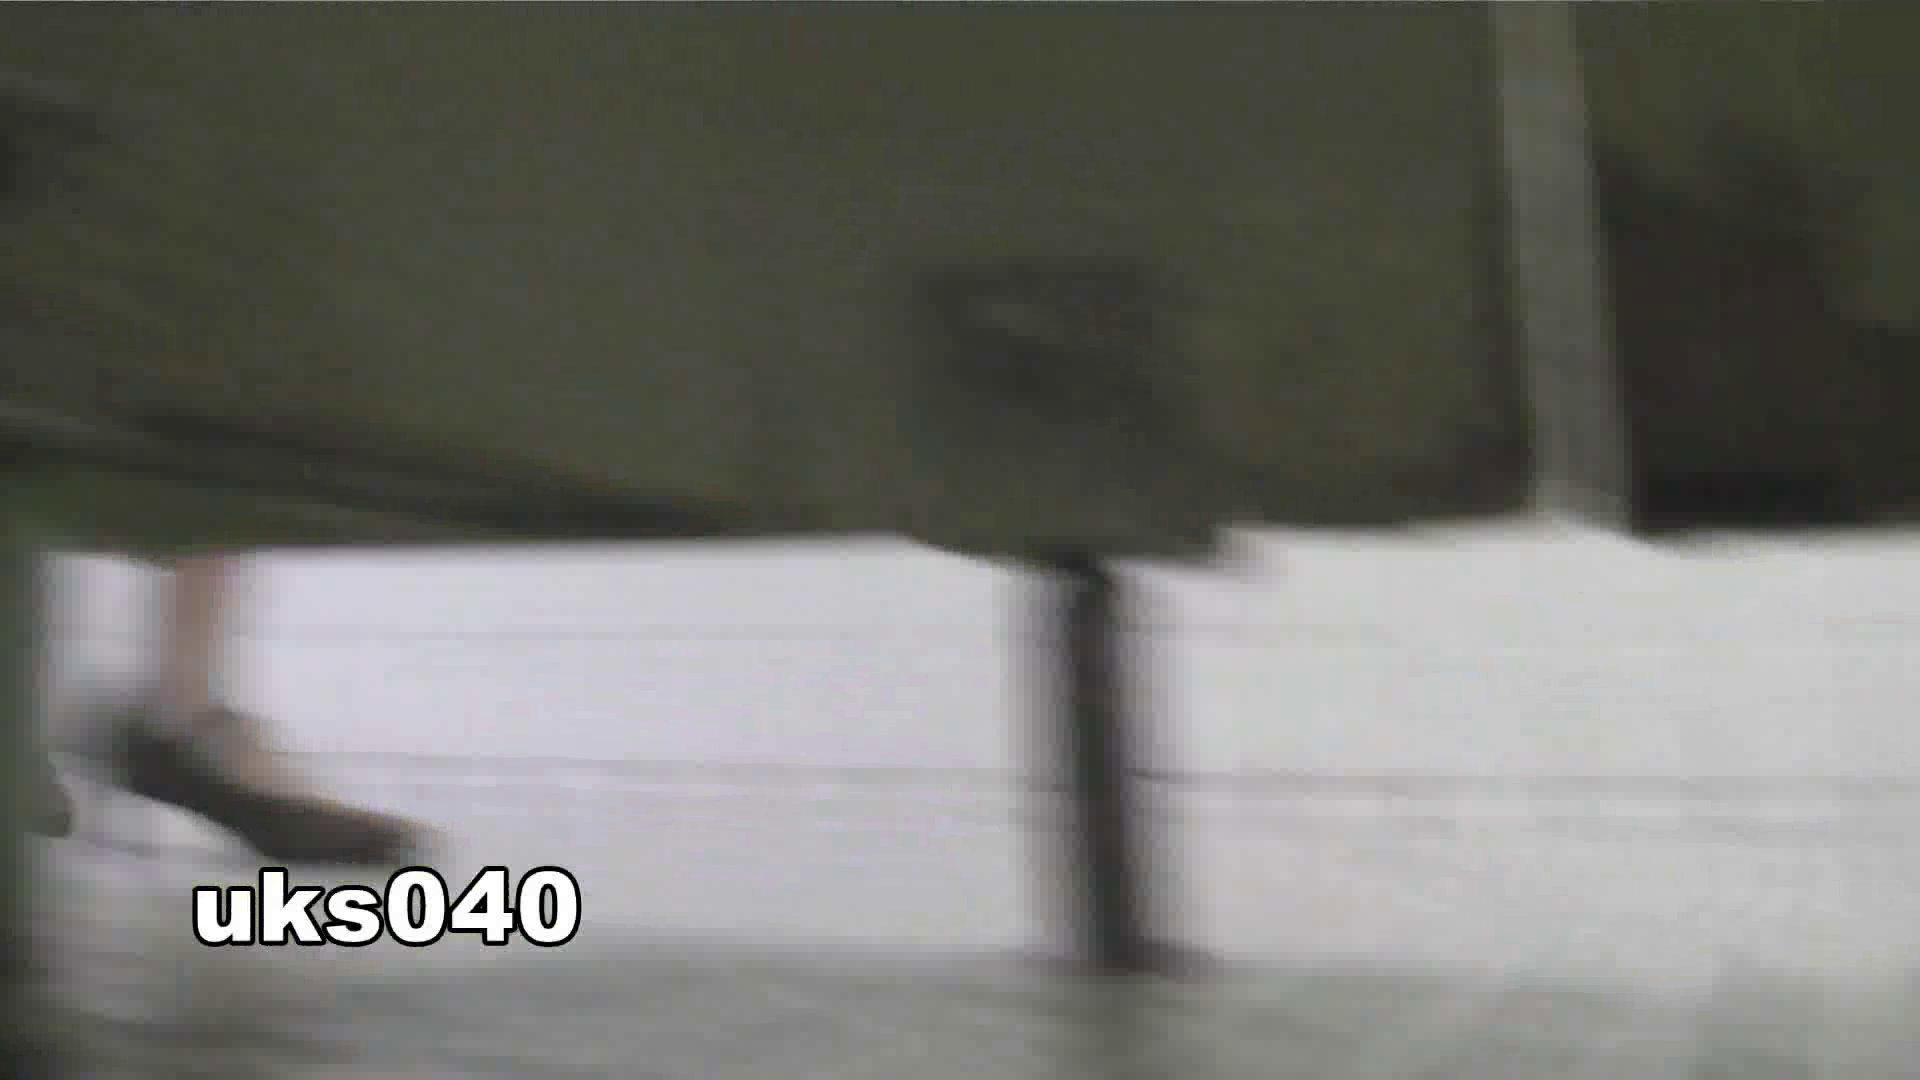 【美しき個室な世界】 vol.040 出て行かれる時の清楚姿撮り 高画質  88PIX 26